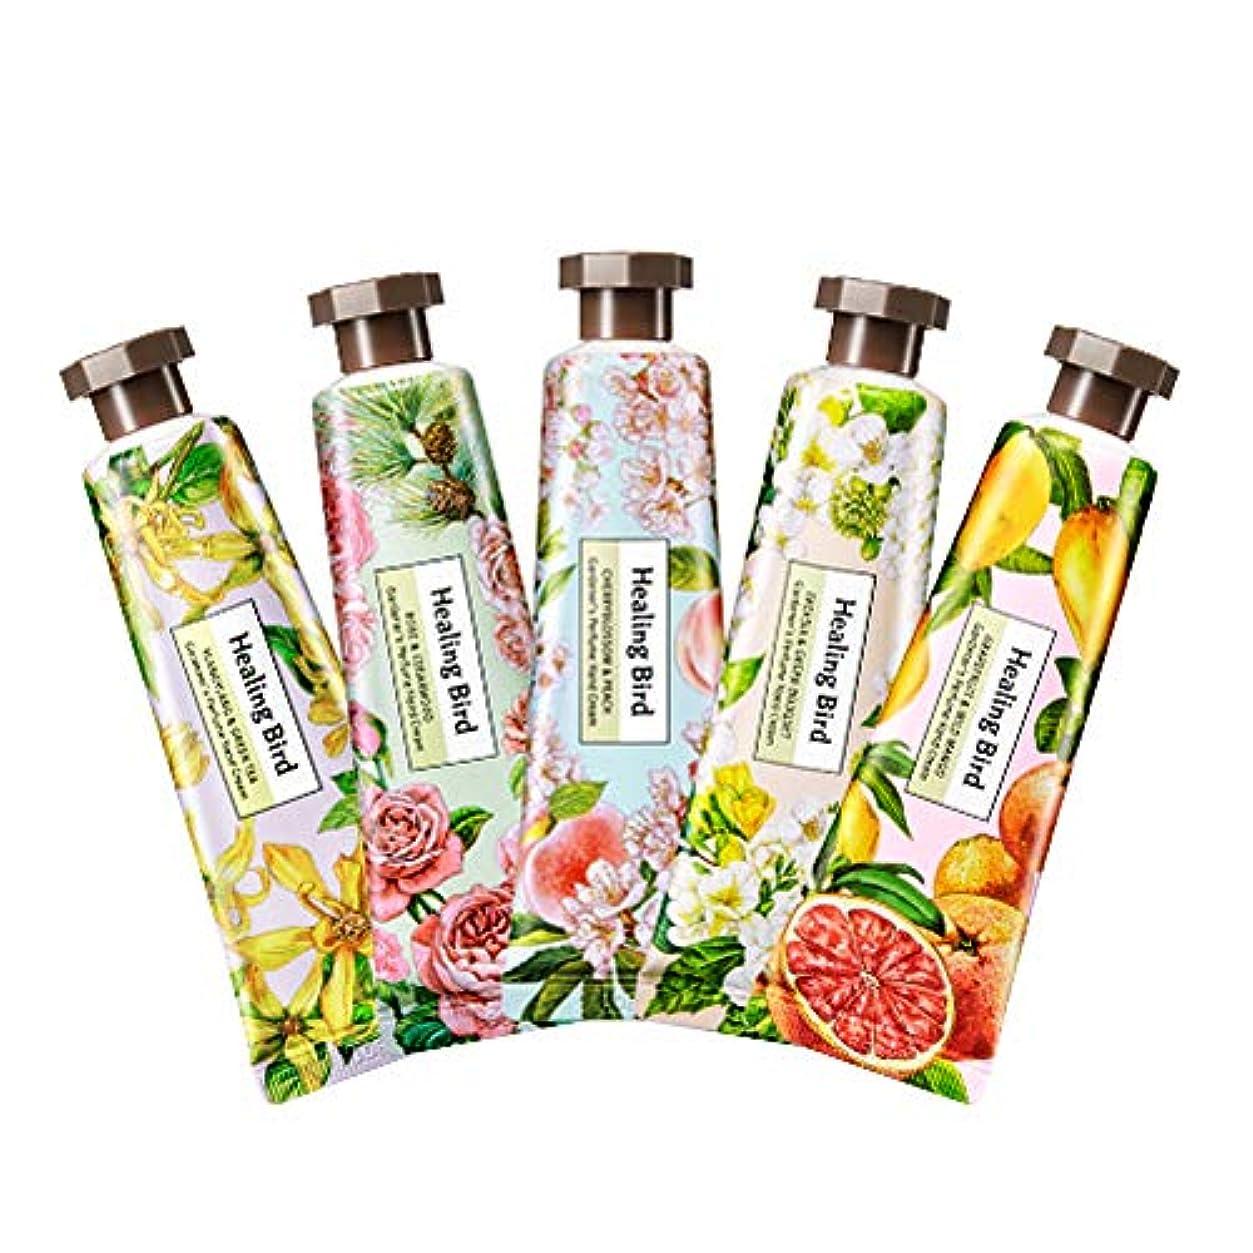 怒ってテセウス計算Healing Bird Gardener's Perfume Hand Cream 30ml ヒーリングバード カドゥノスパヒュームハンドクリーム (Ylangylang & Greentea) [並行輸入品]